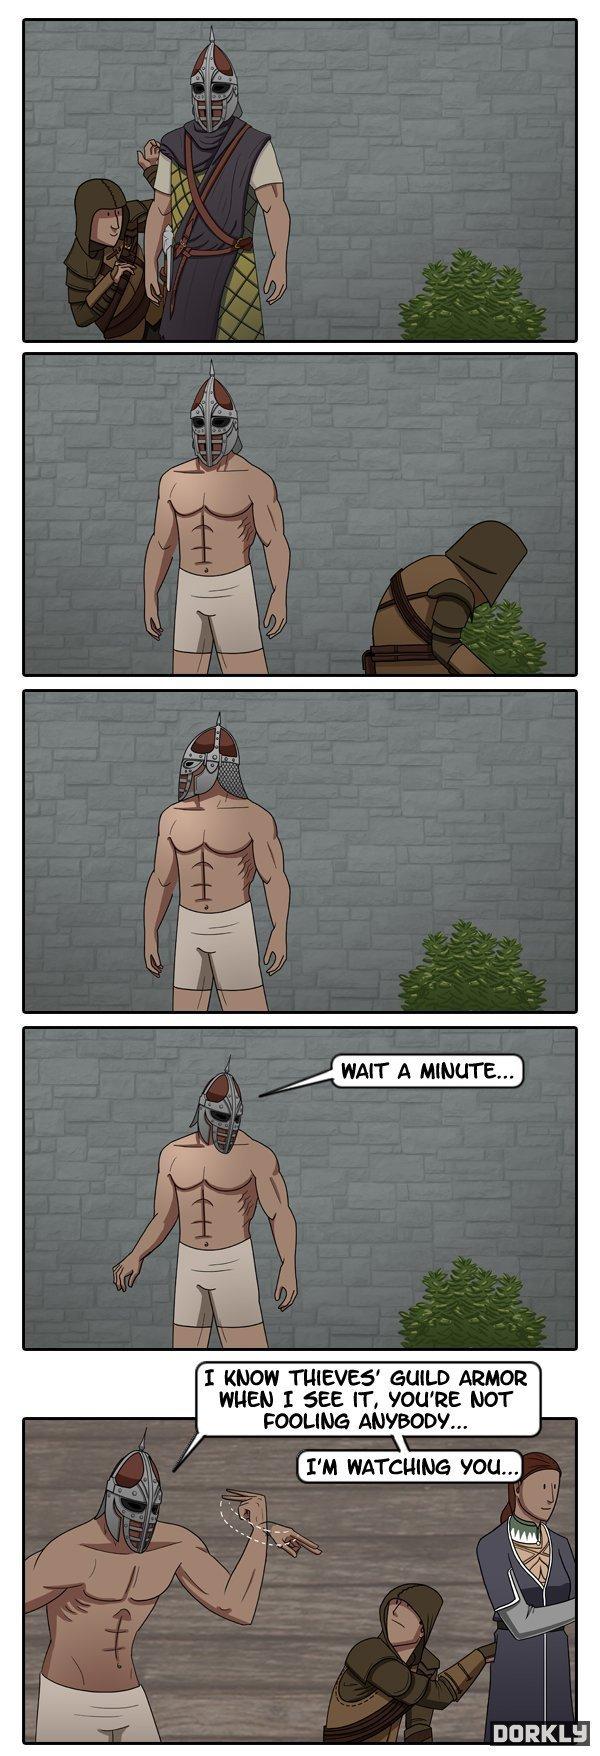 Catching a skyrim thief. . rti'. MFW I've never played Skyrim Catching a skyrim thief rti' MFW I've never played Skyrim